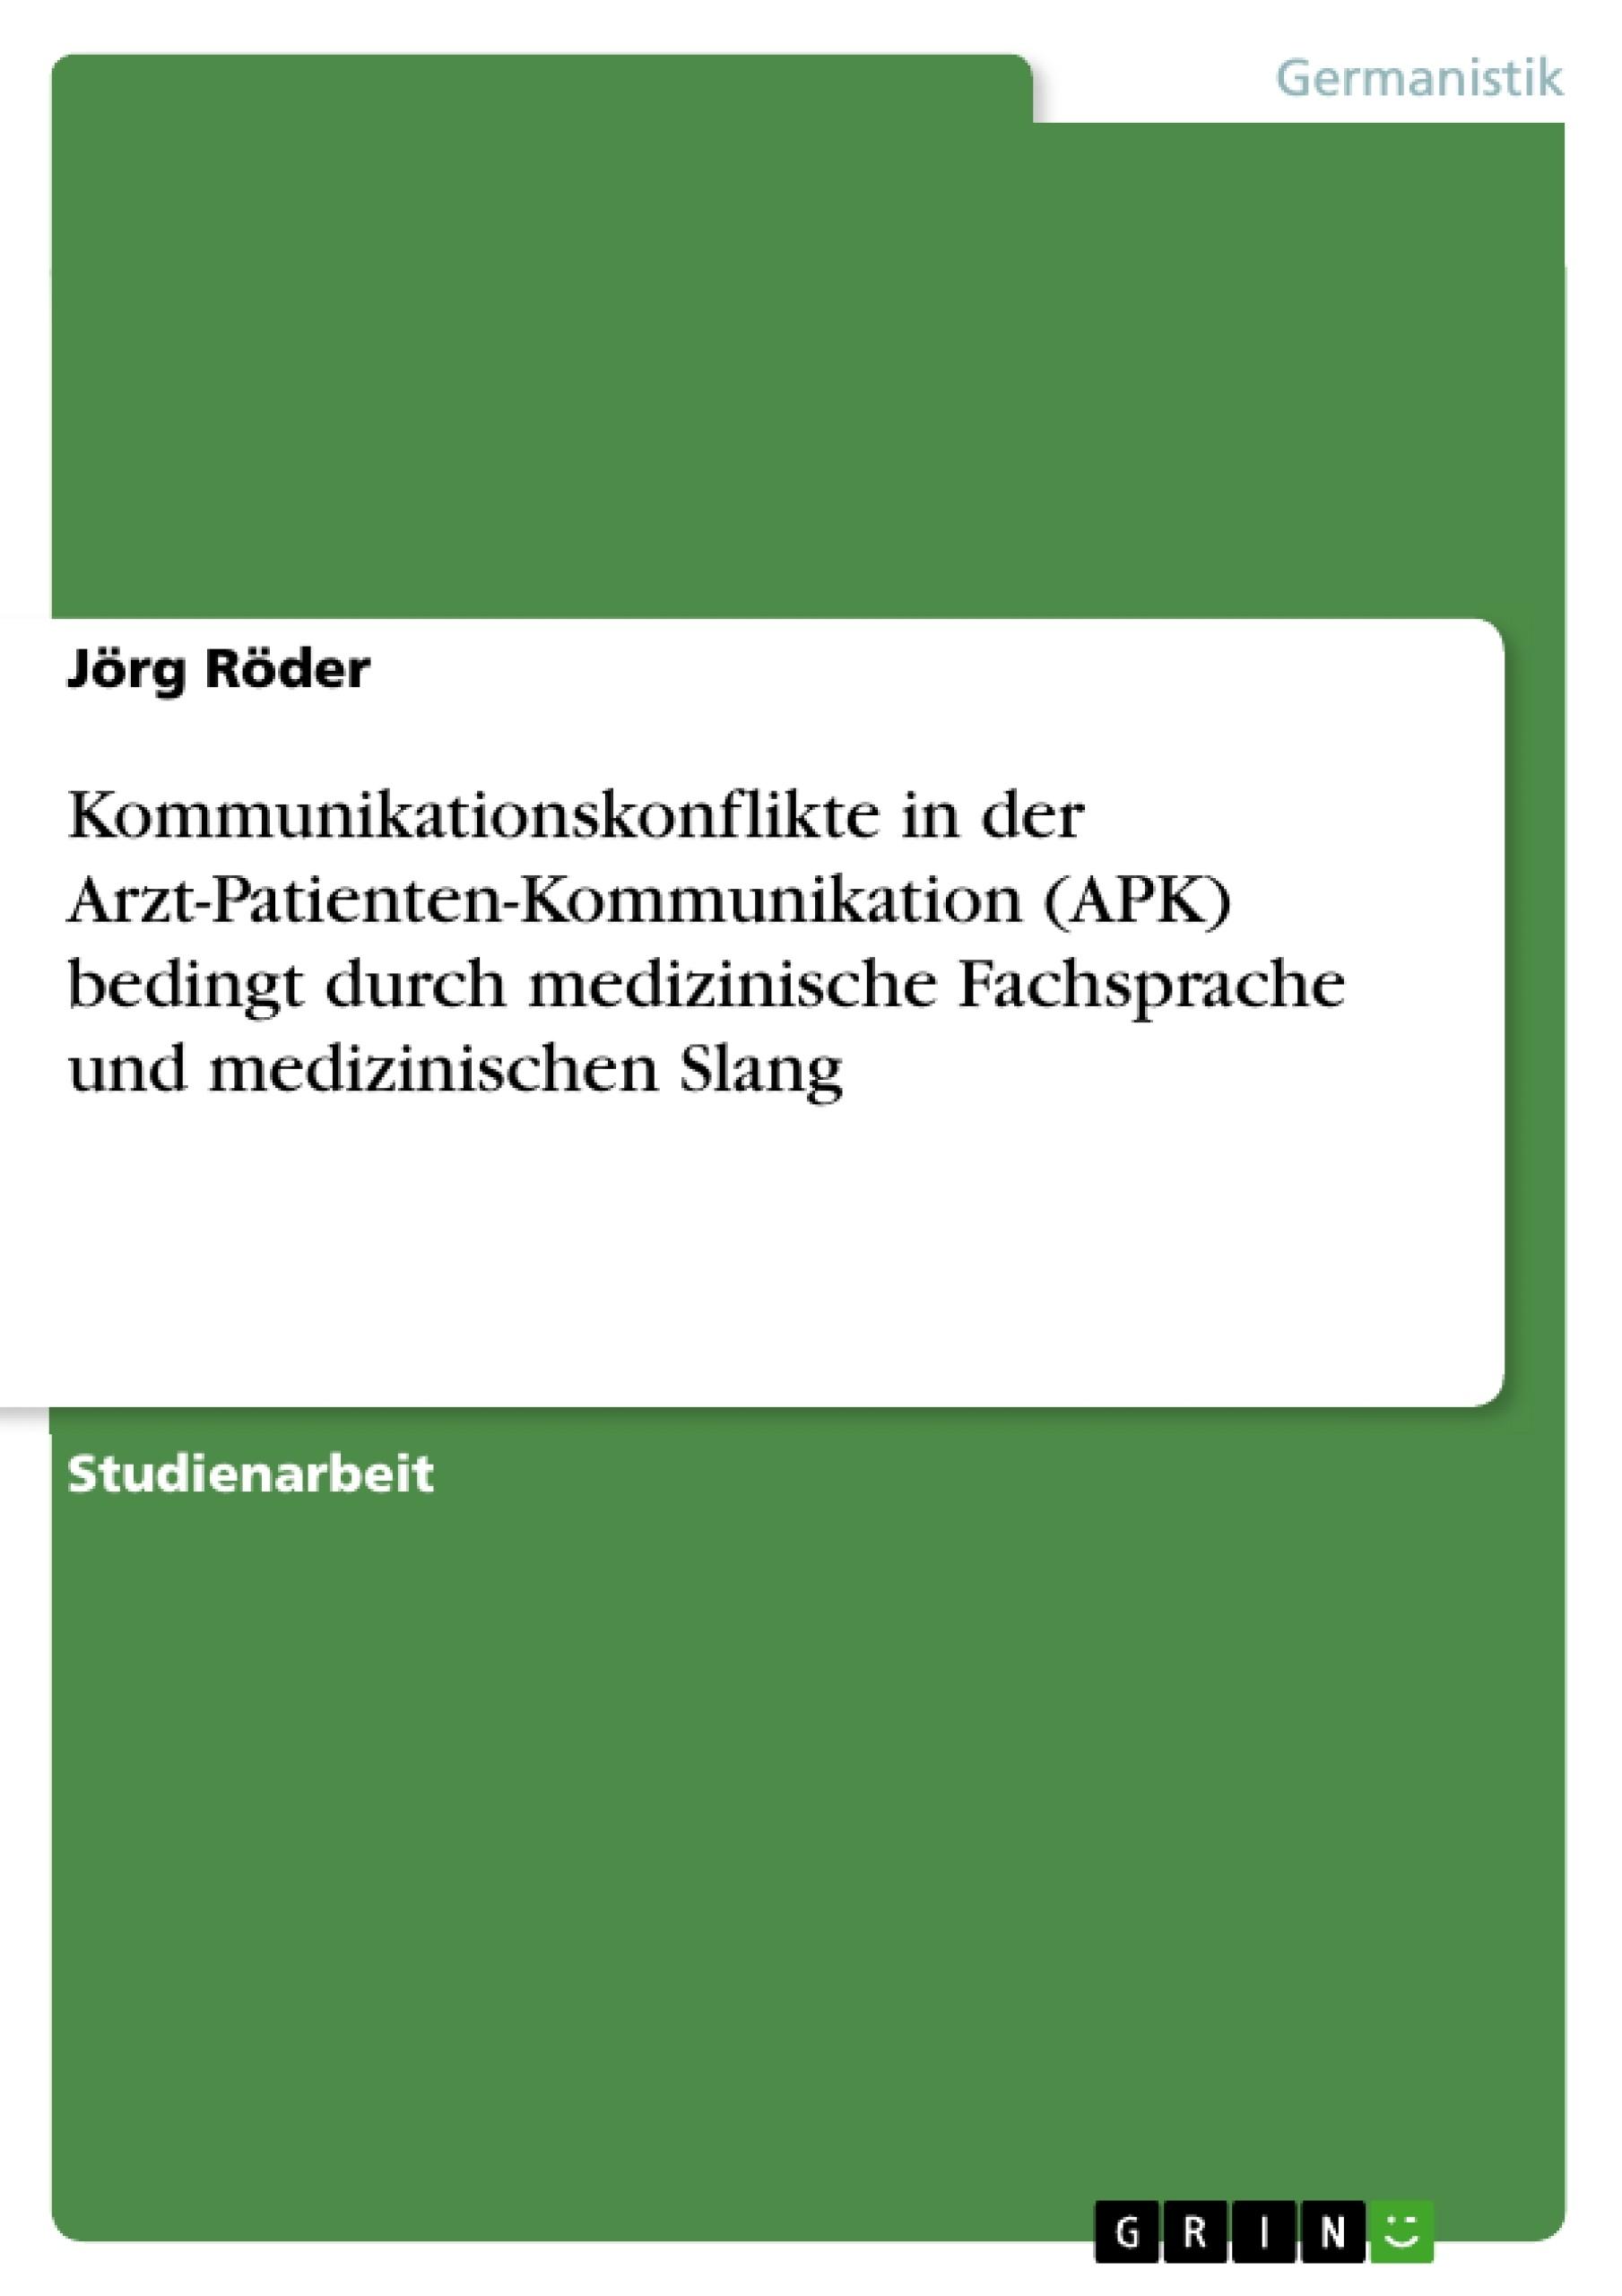 Titel: Kommunikationskonflikte in der Arzt-Patienten-Kommunikation (APK) bedingt durch medizinische Fachsprache und medizinischen Slang